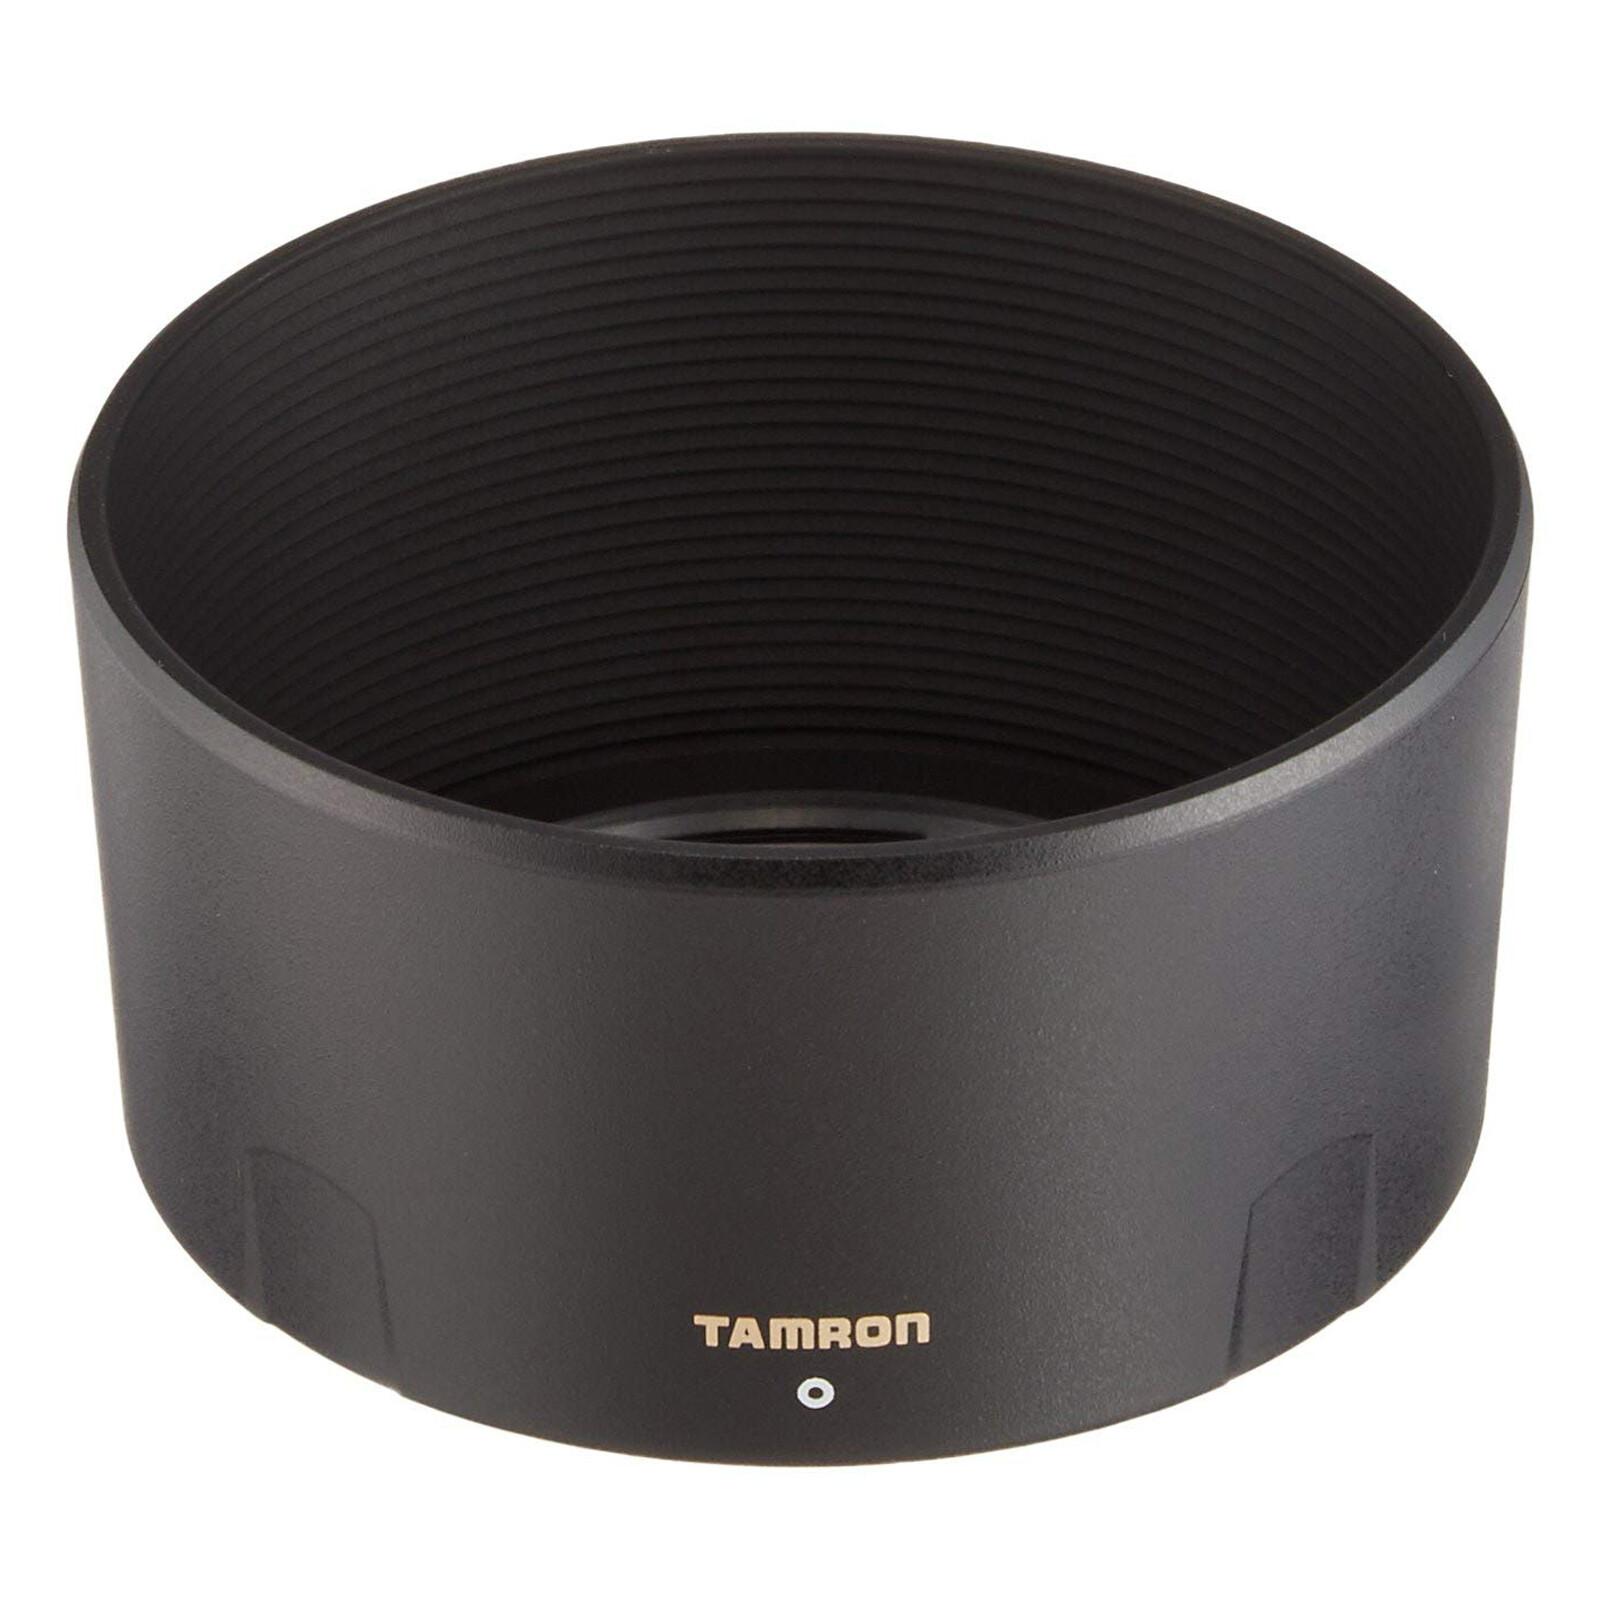 Tamron G005 Gegenlichtblende